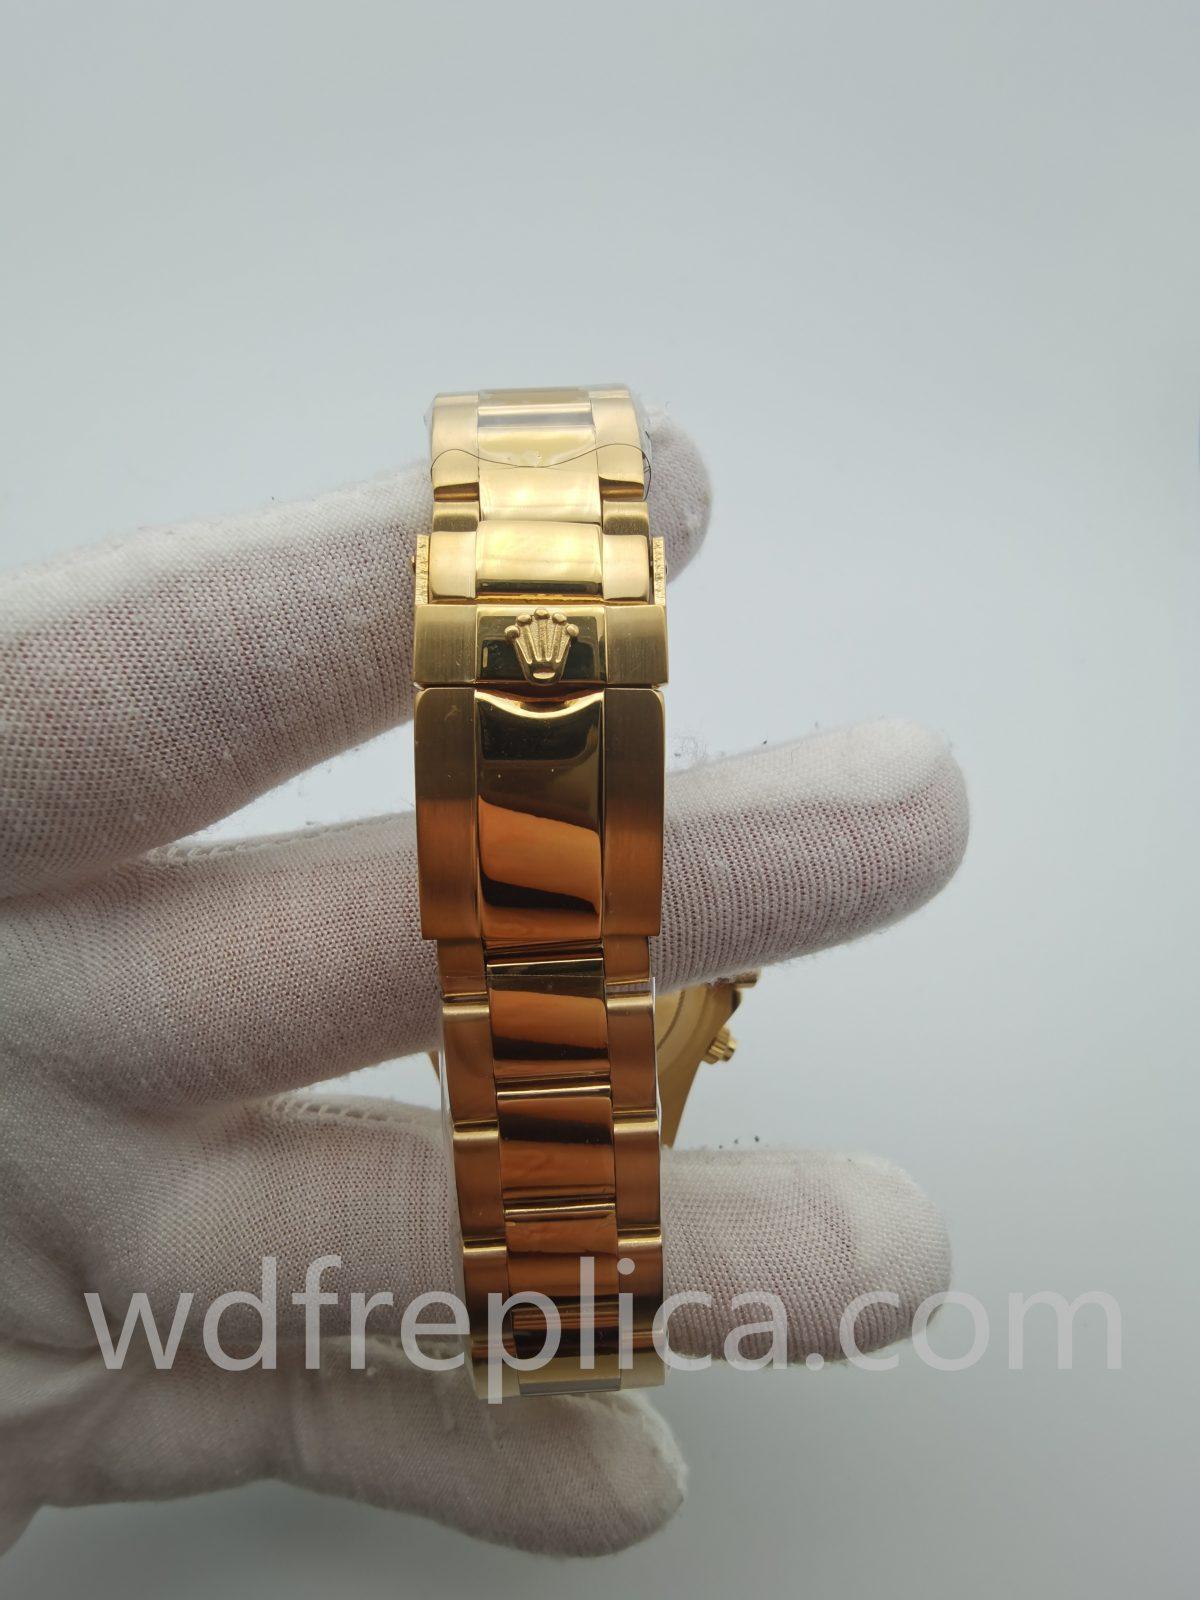 Rolex Daytona 116508 40mm Man Sapphire Glass Green Dial